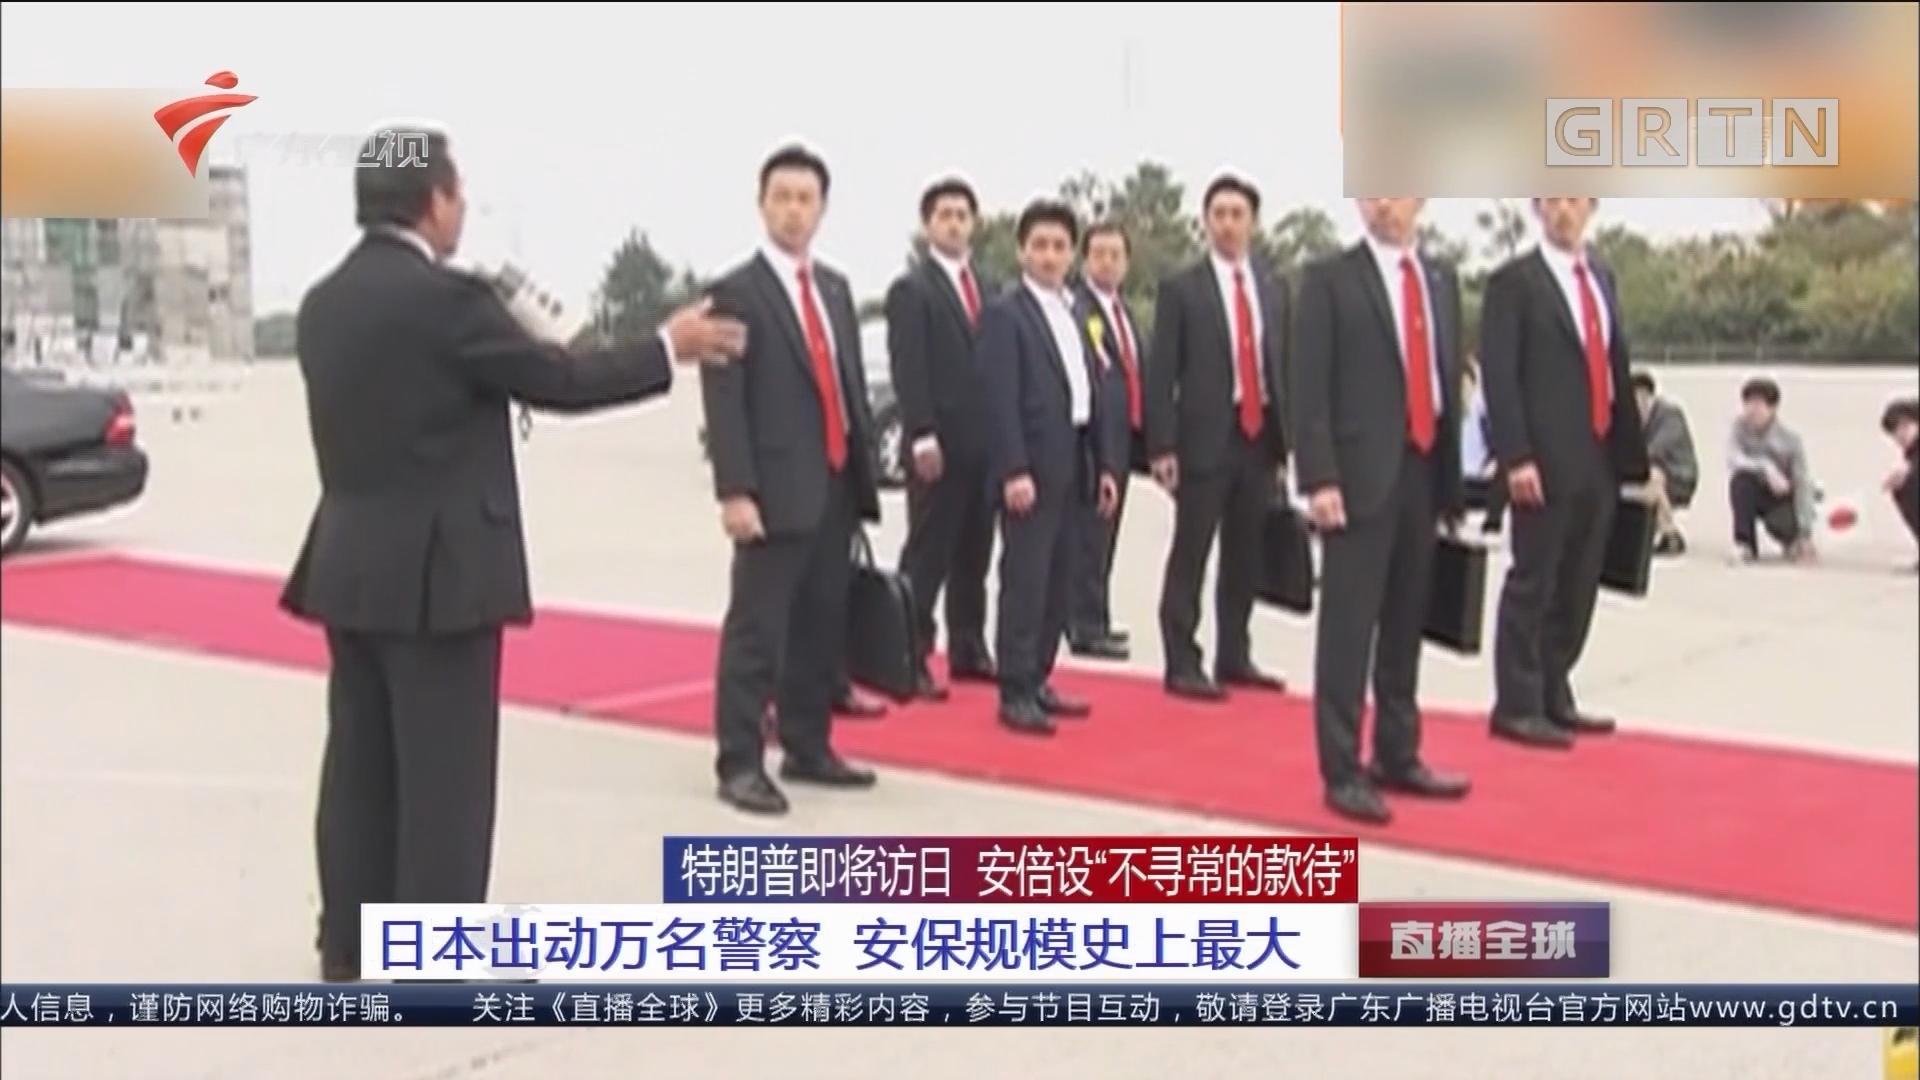 """特朗普即将访日 安倍设""""不寻常款待"""":日本出动万名警察 安保规模史上最大"""